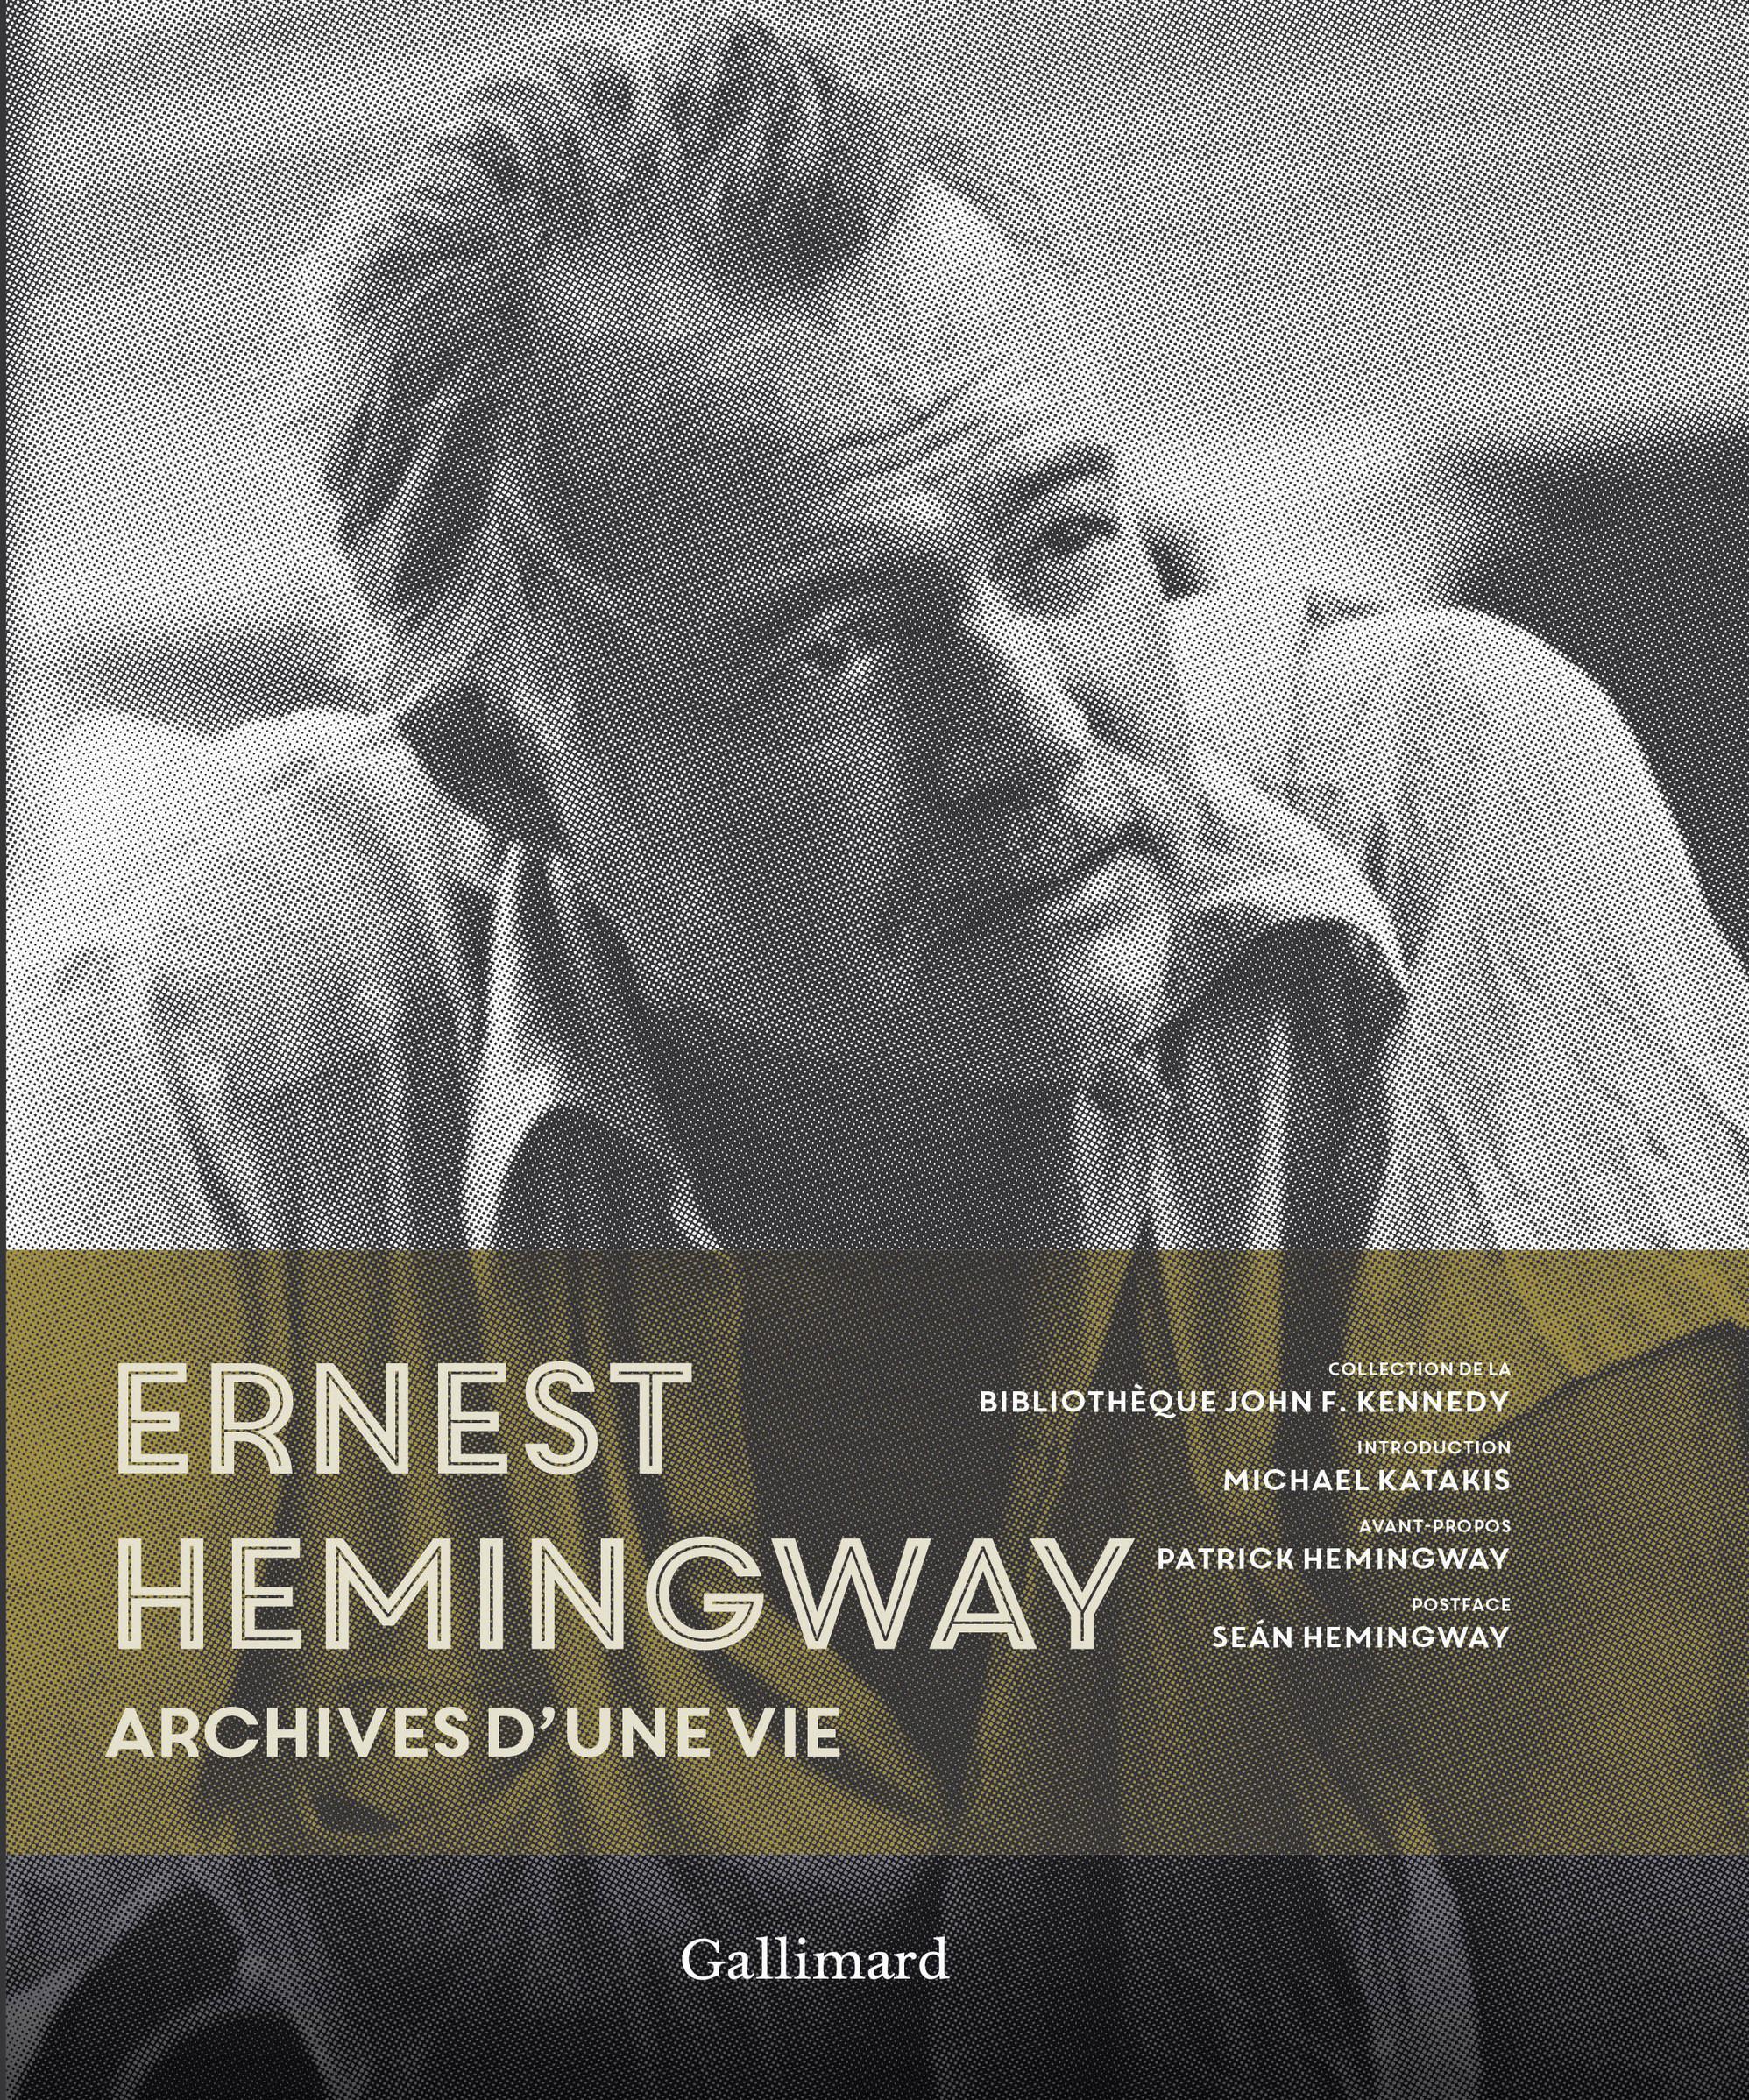 ERNEST HEMINGWAY - ARCHIVES D'UNE VIE